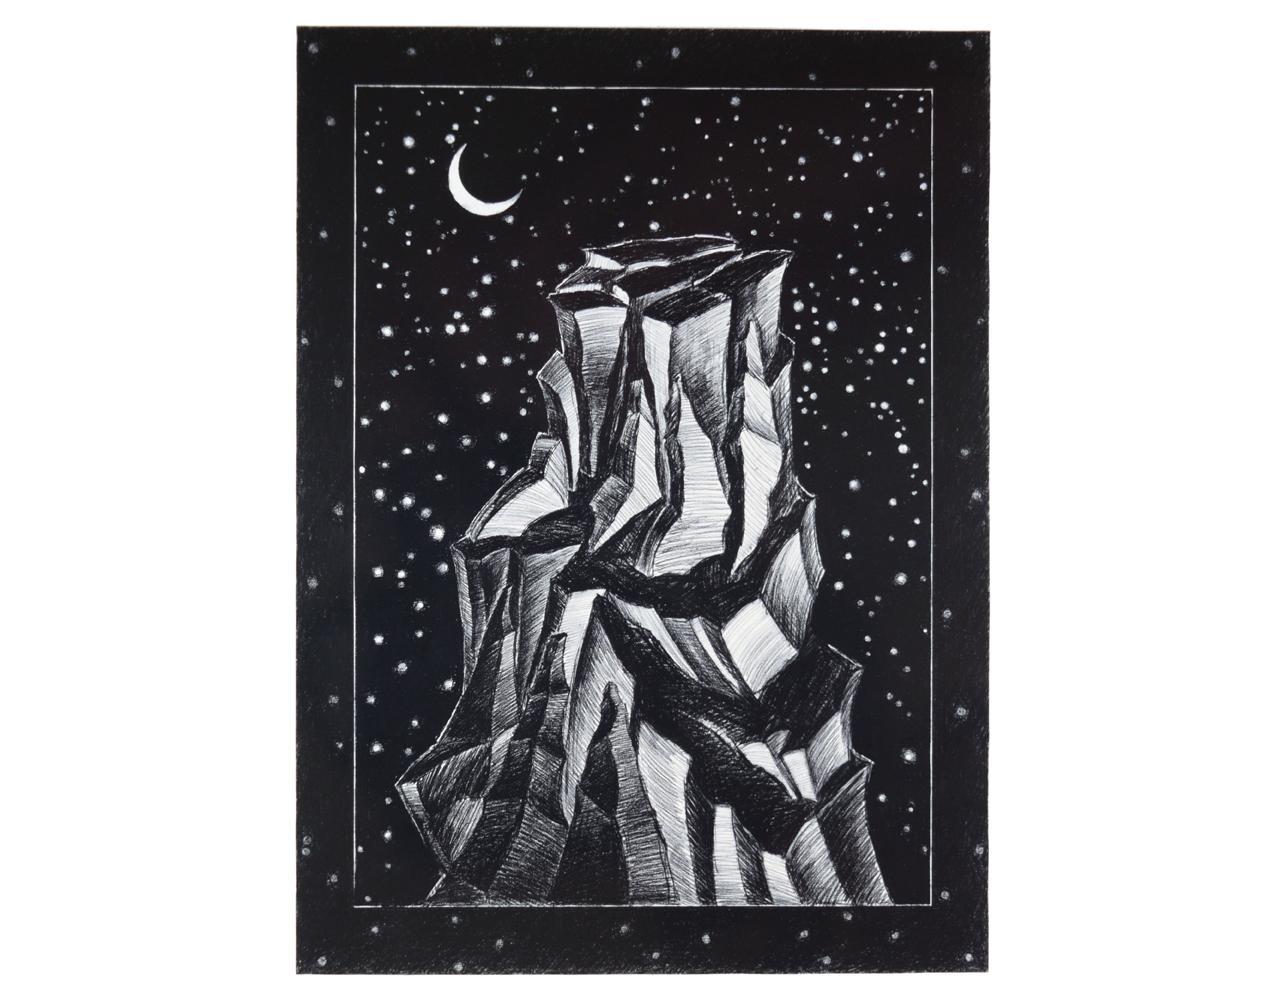 """""""Nuit étoilée"""" 1981, fusain sur papier, 157 x 115 cm - Photo Hadler/Stuhr"""